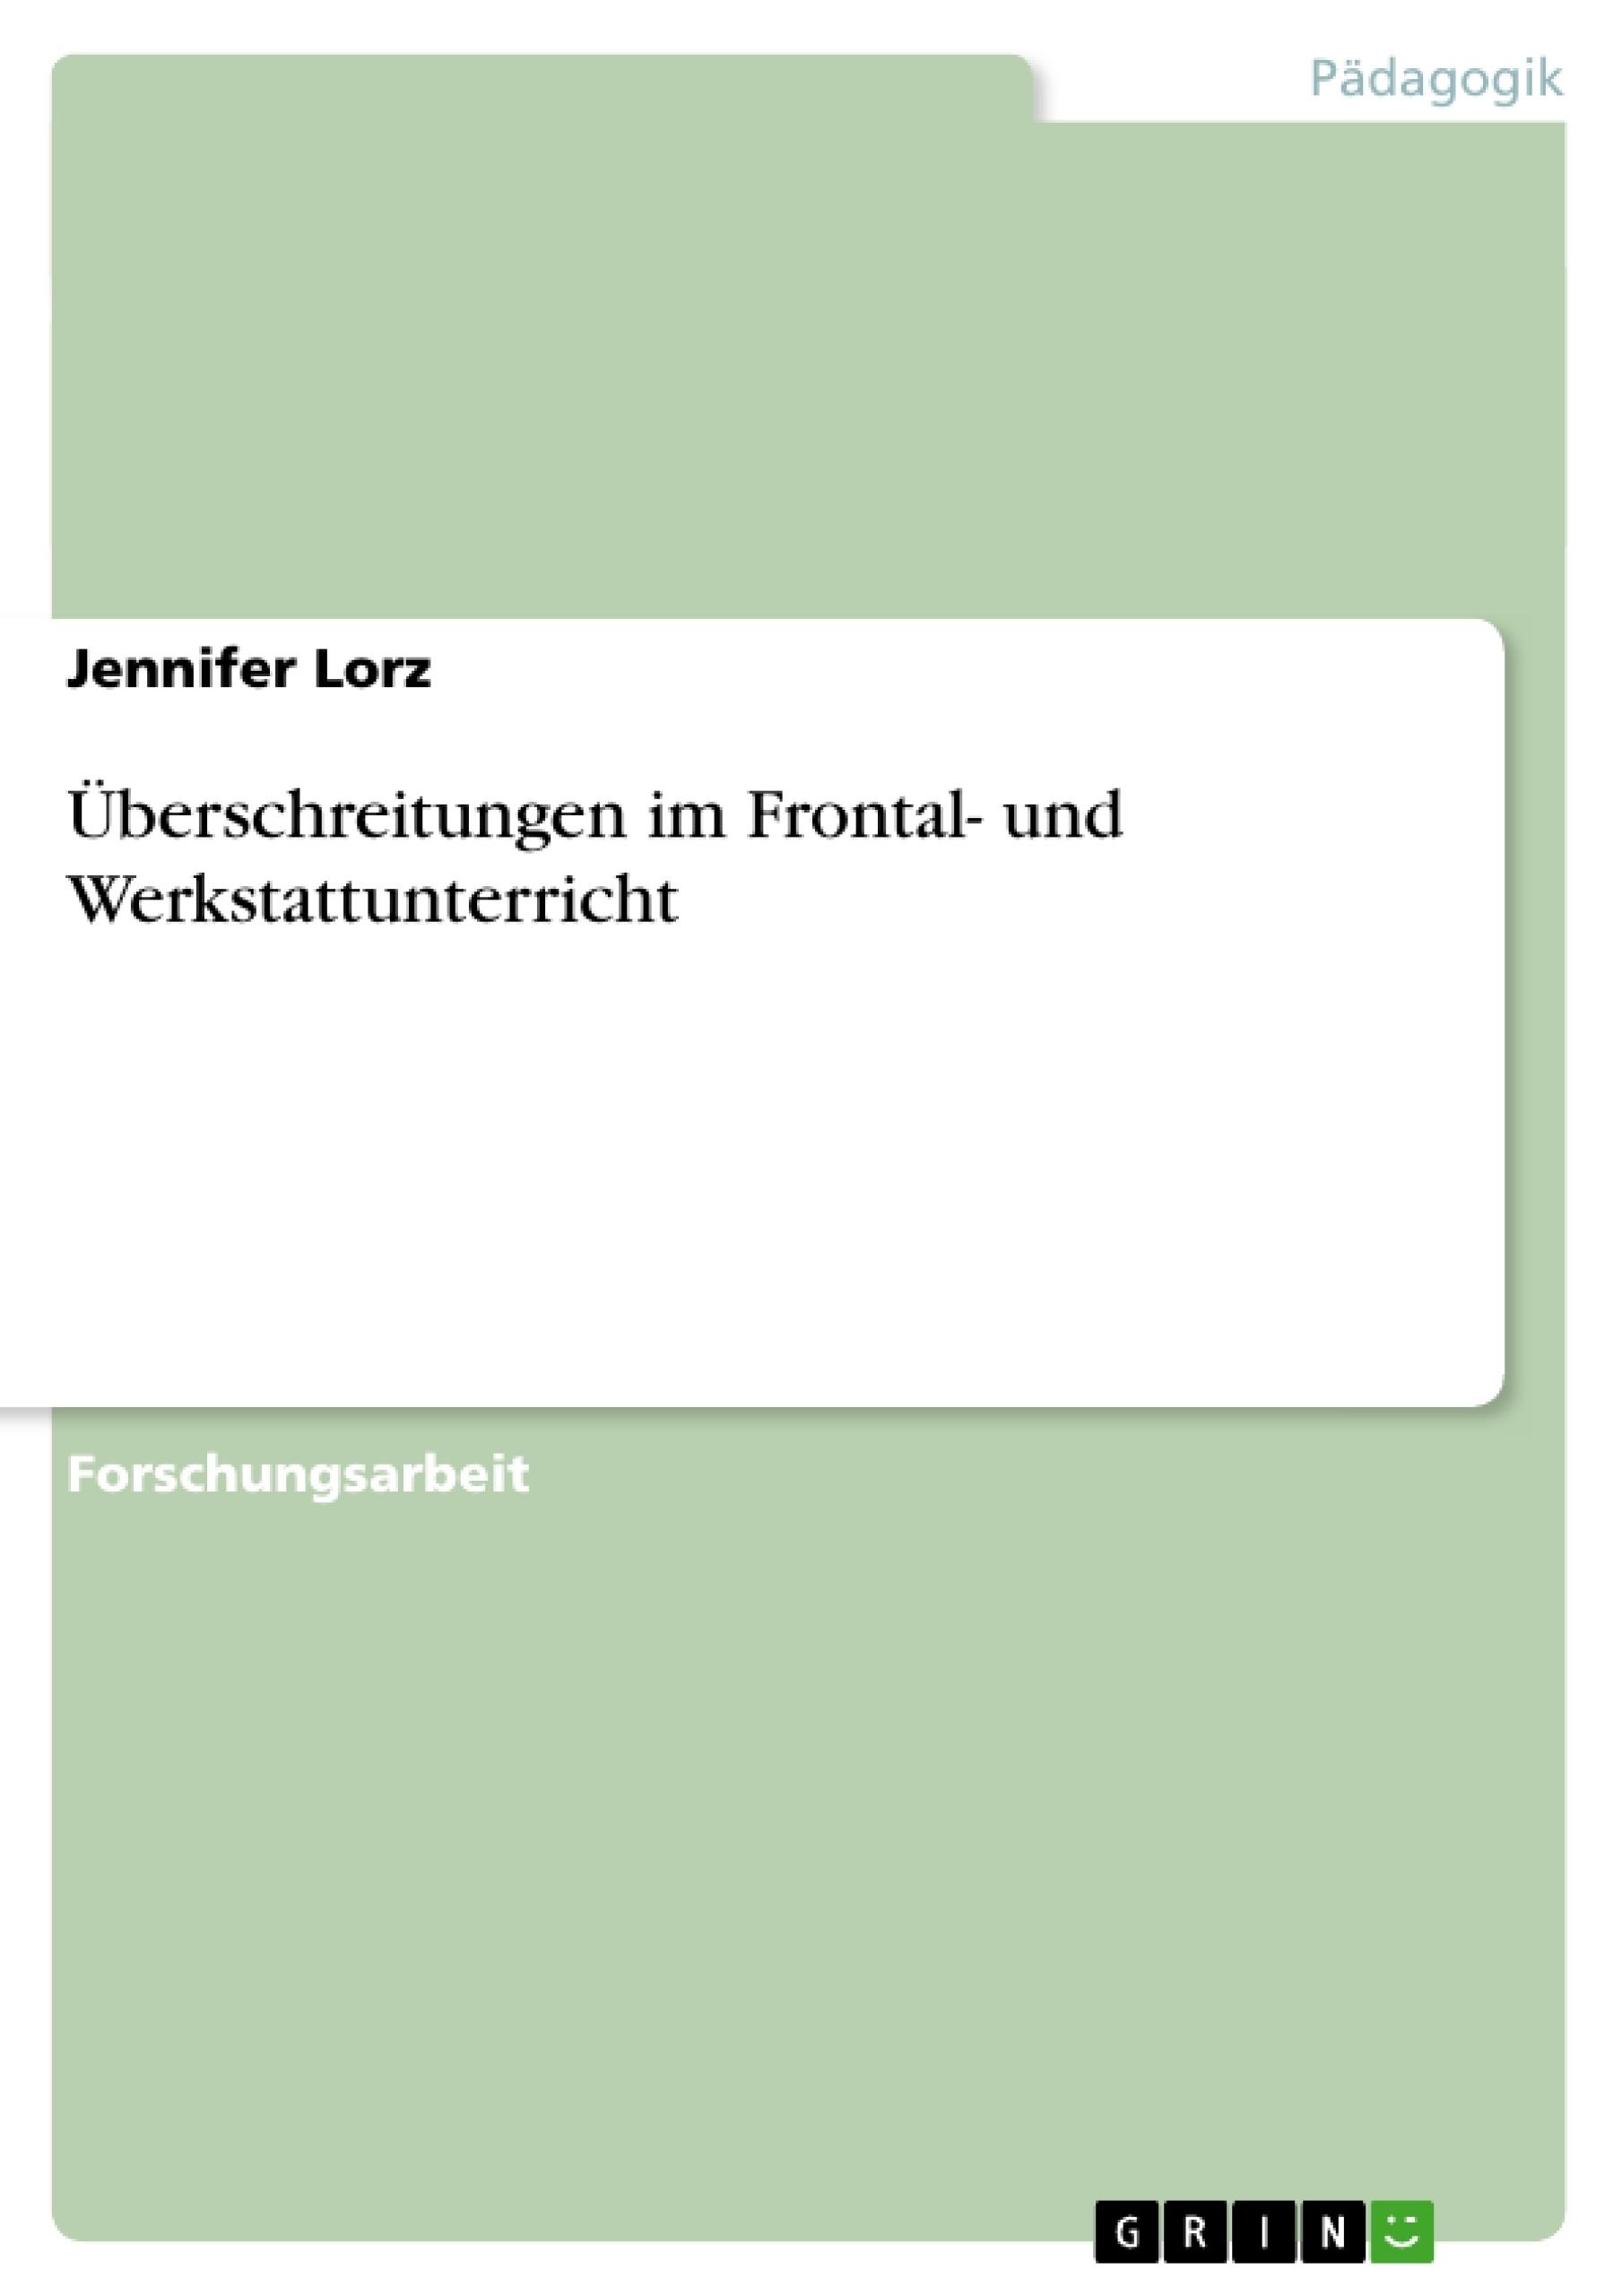 Titel: Überschreitungen im Frontal- und Werkstattunterricht